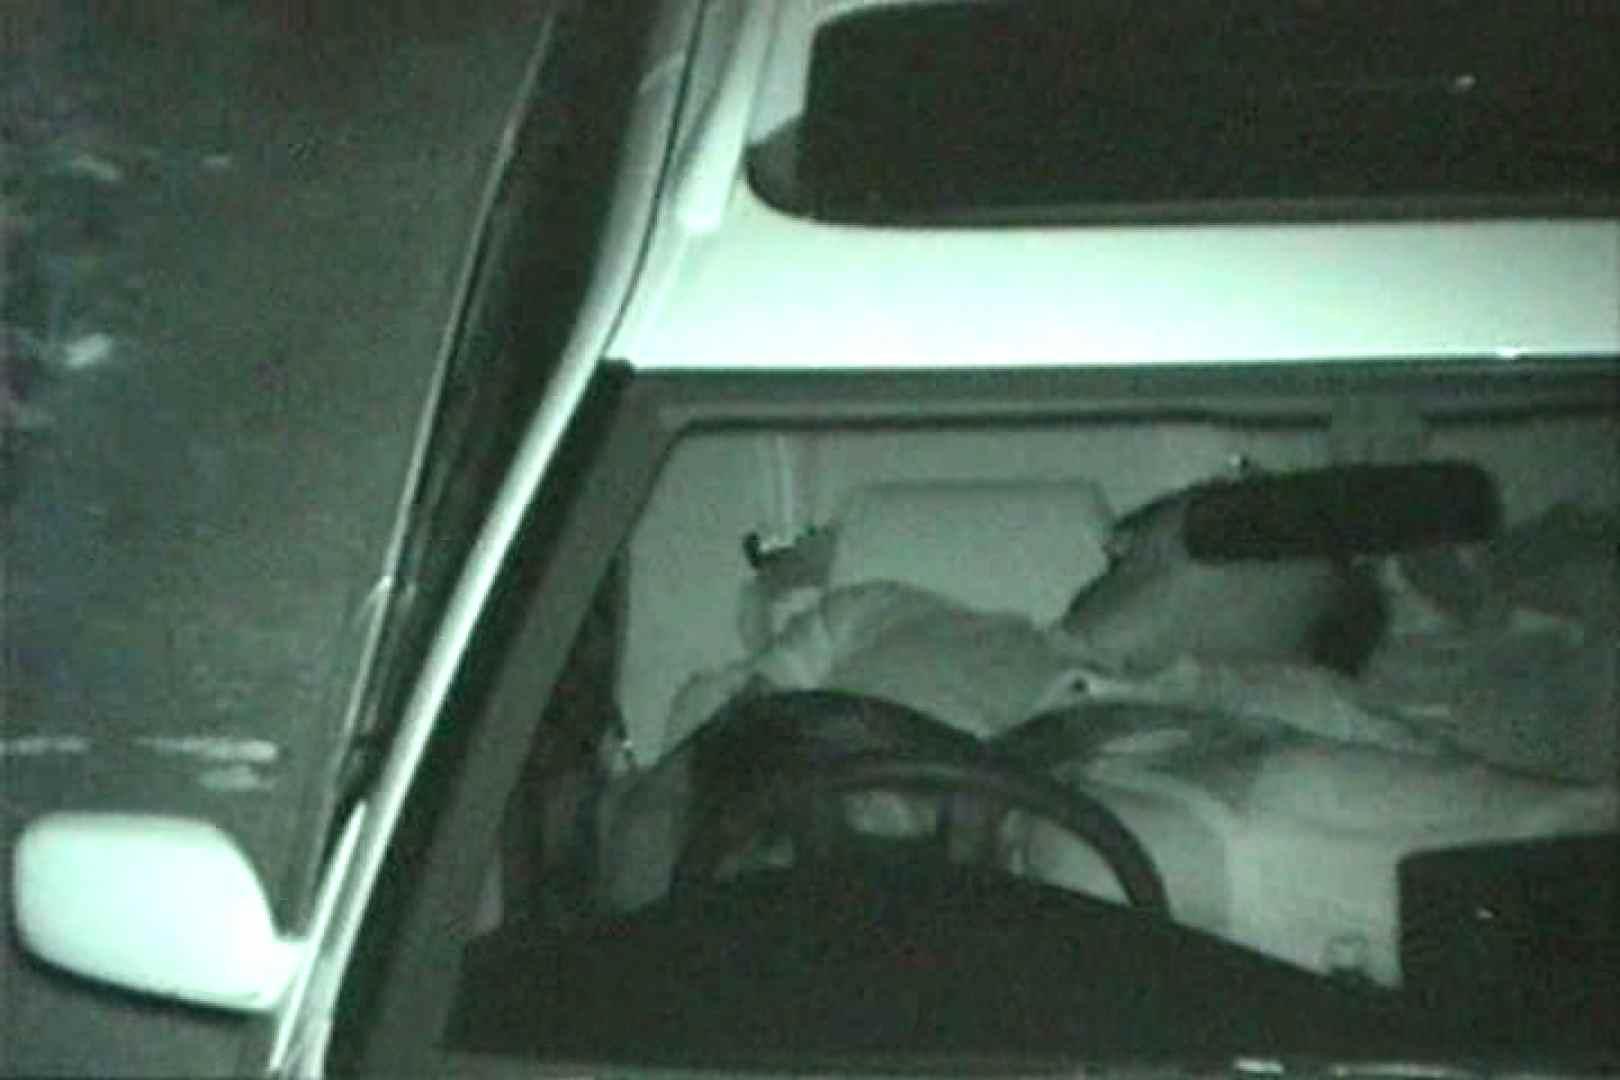 車の中はラブホテル 無修正版  Vol.24 素人はめどり ワレメ動画紹介 102画像 46